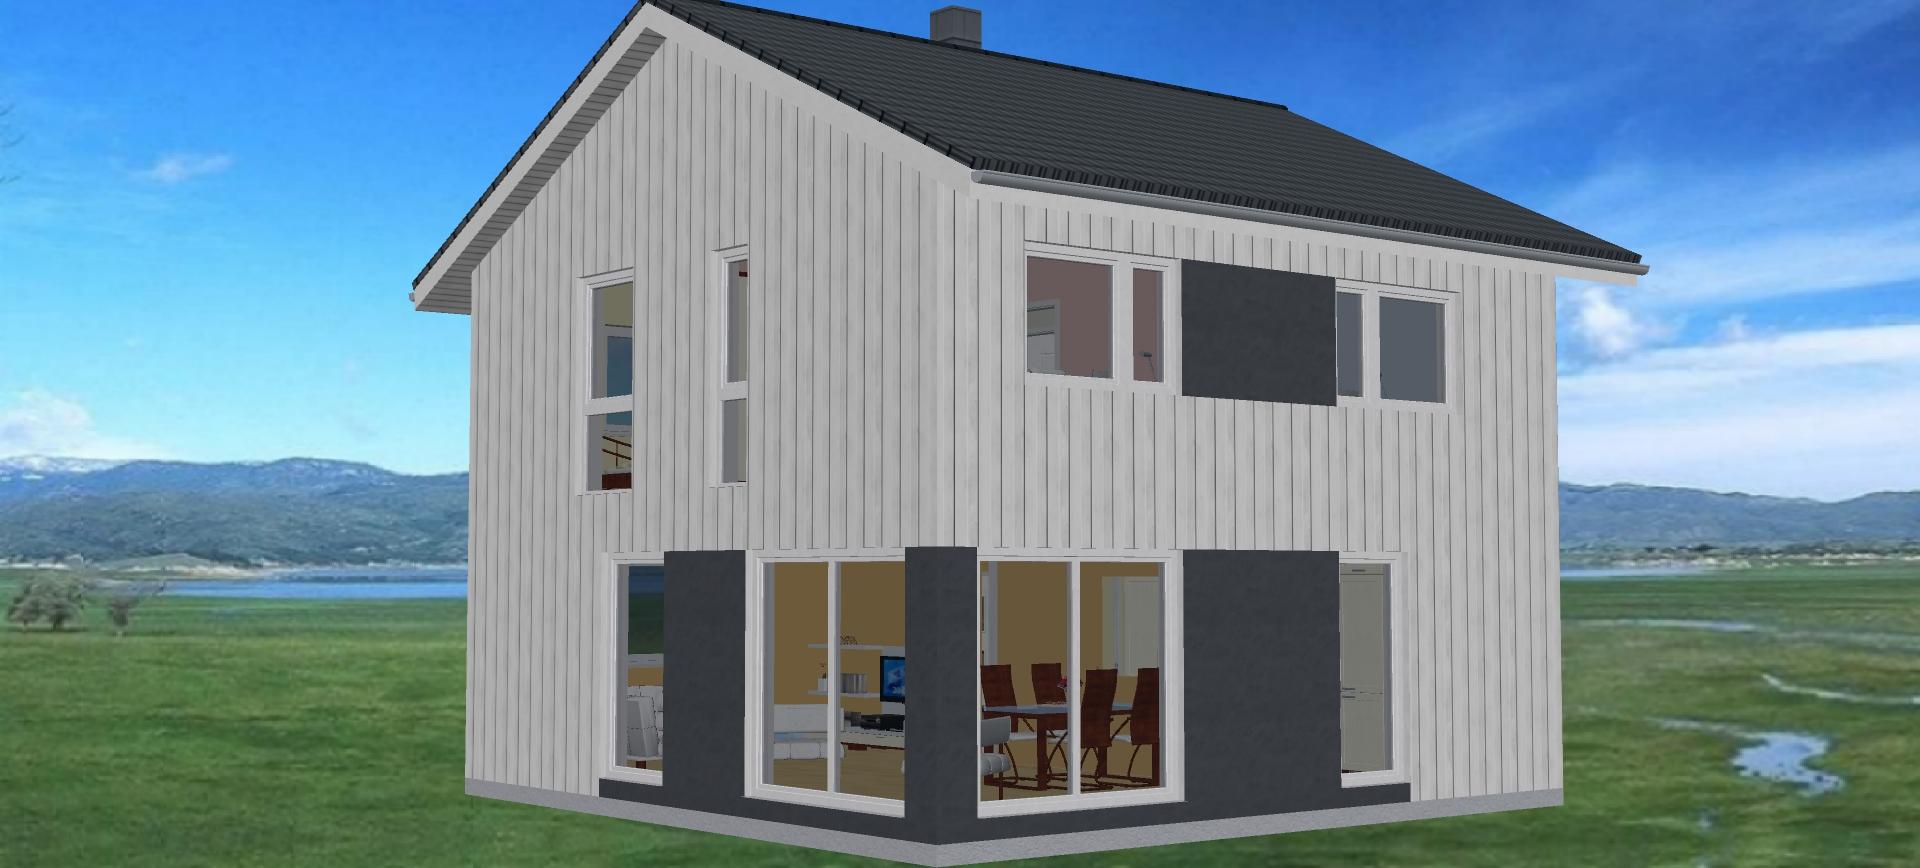 fjord haus fertighaus living haus nominiert zum haus des jahres bien zenker haus satteldach. Black Bedroom Furniture Sets. Home Design Ideas